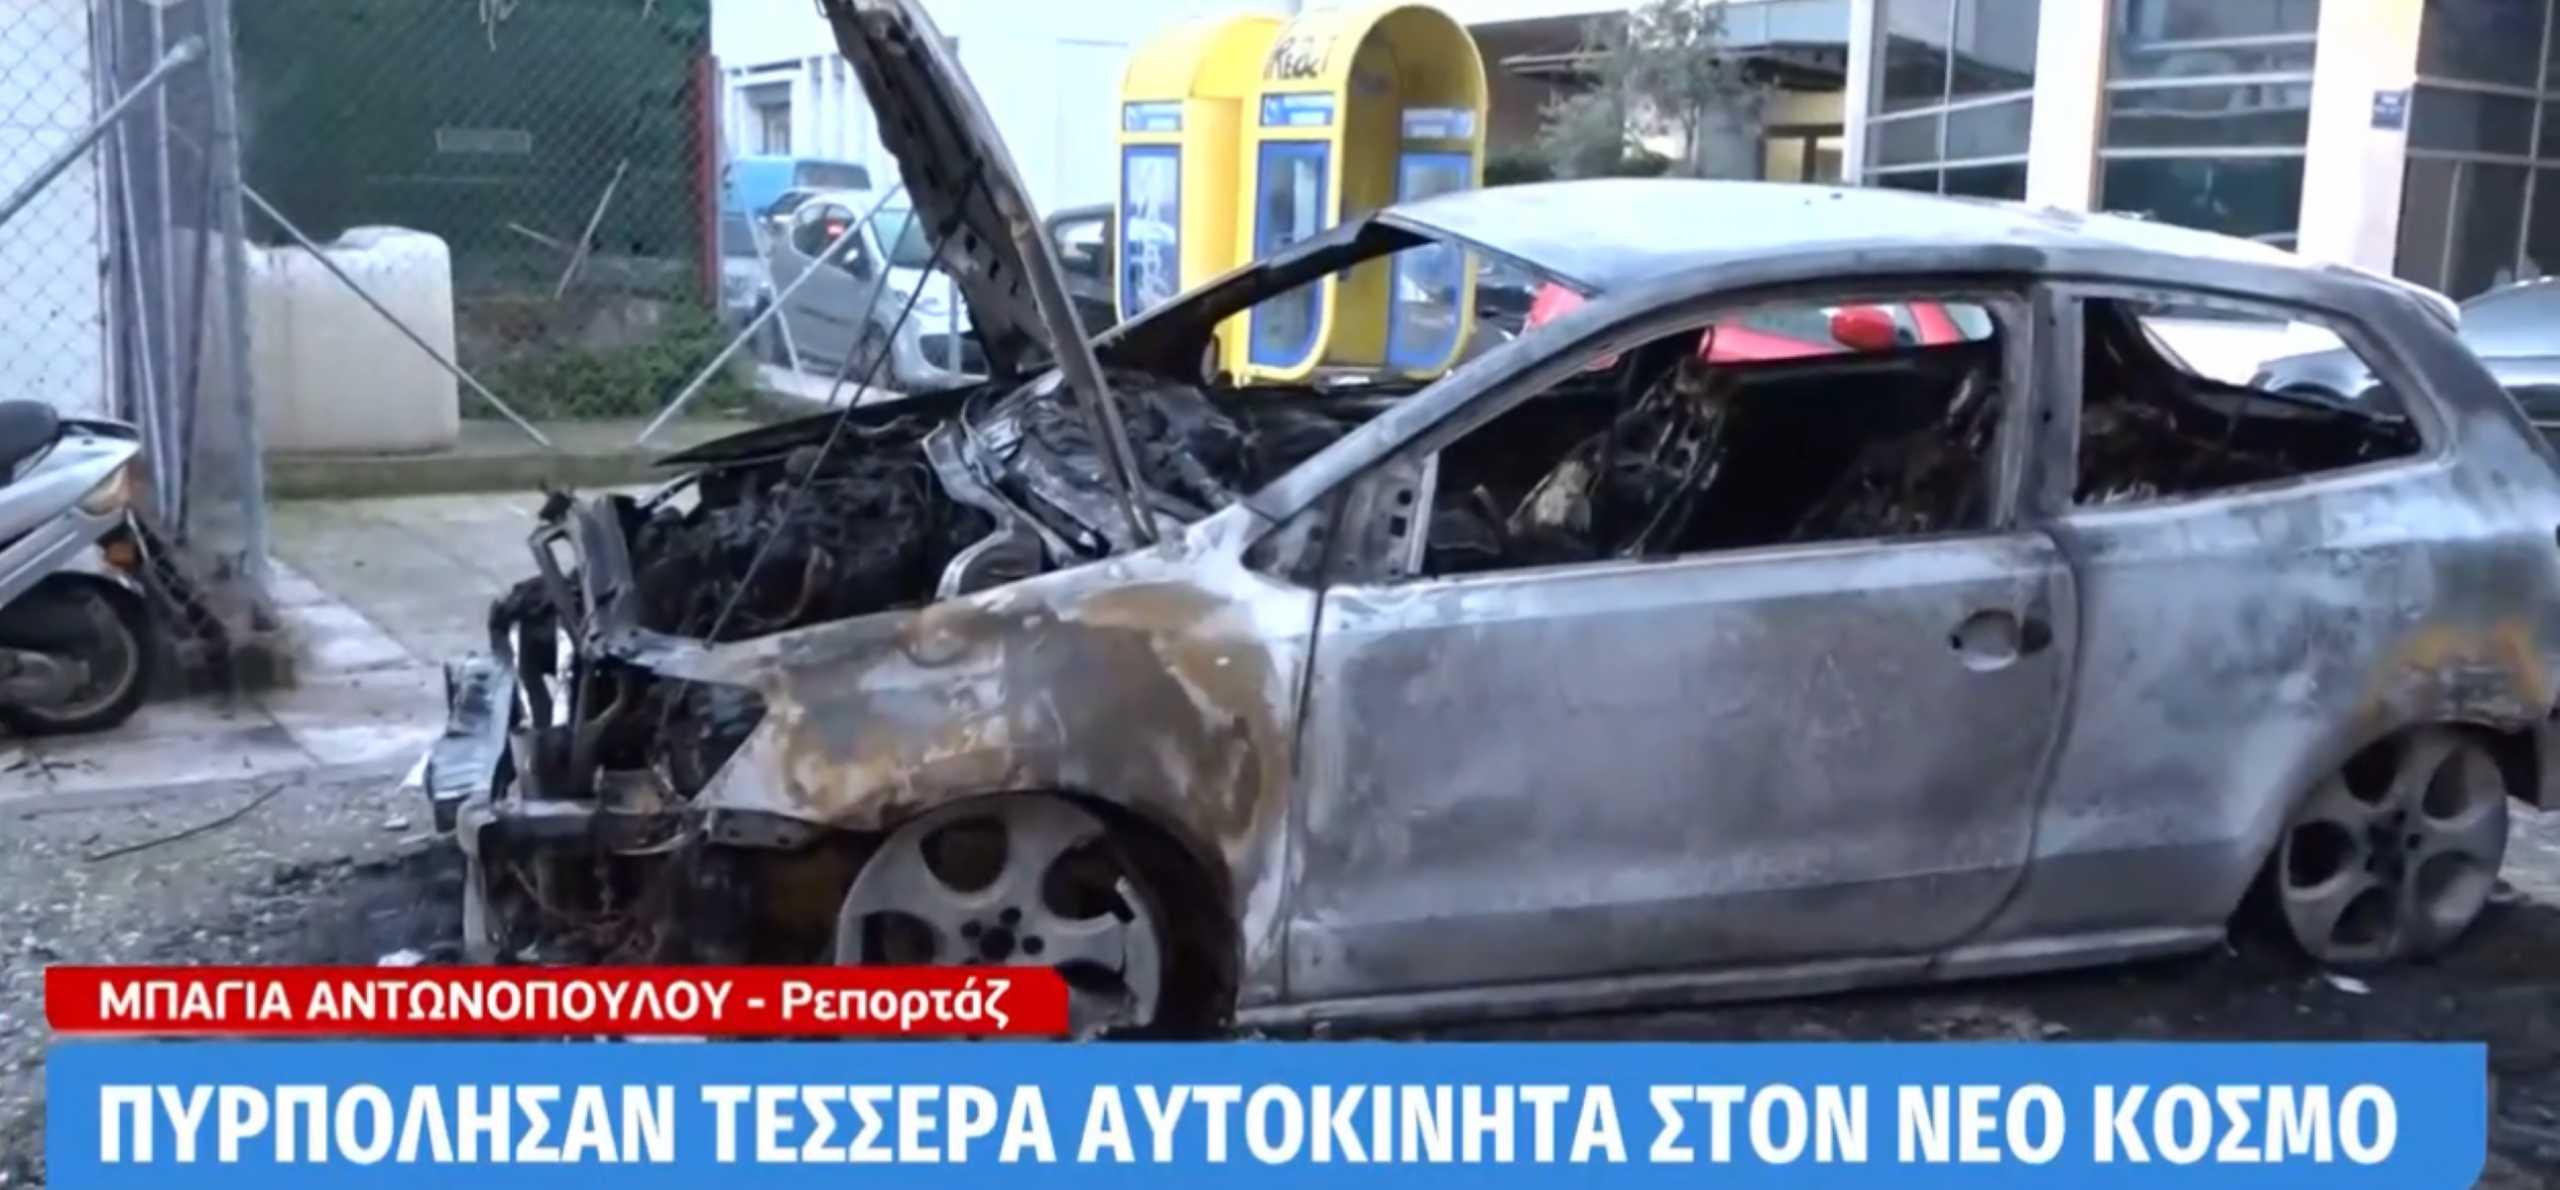 Εμπρησμός αυτοκινήτων στο Νέο Κόσμο (video)